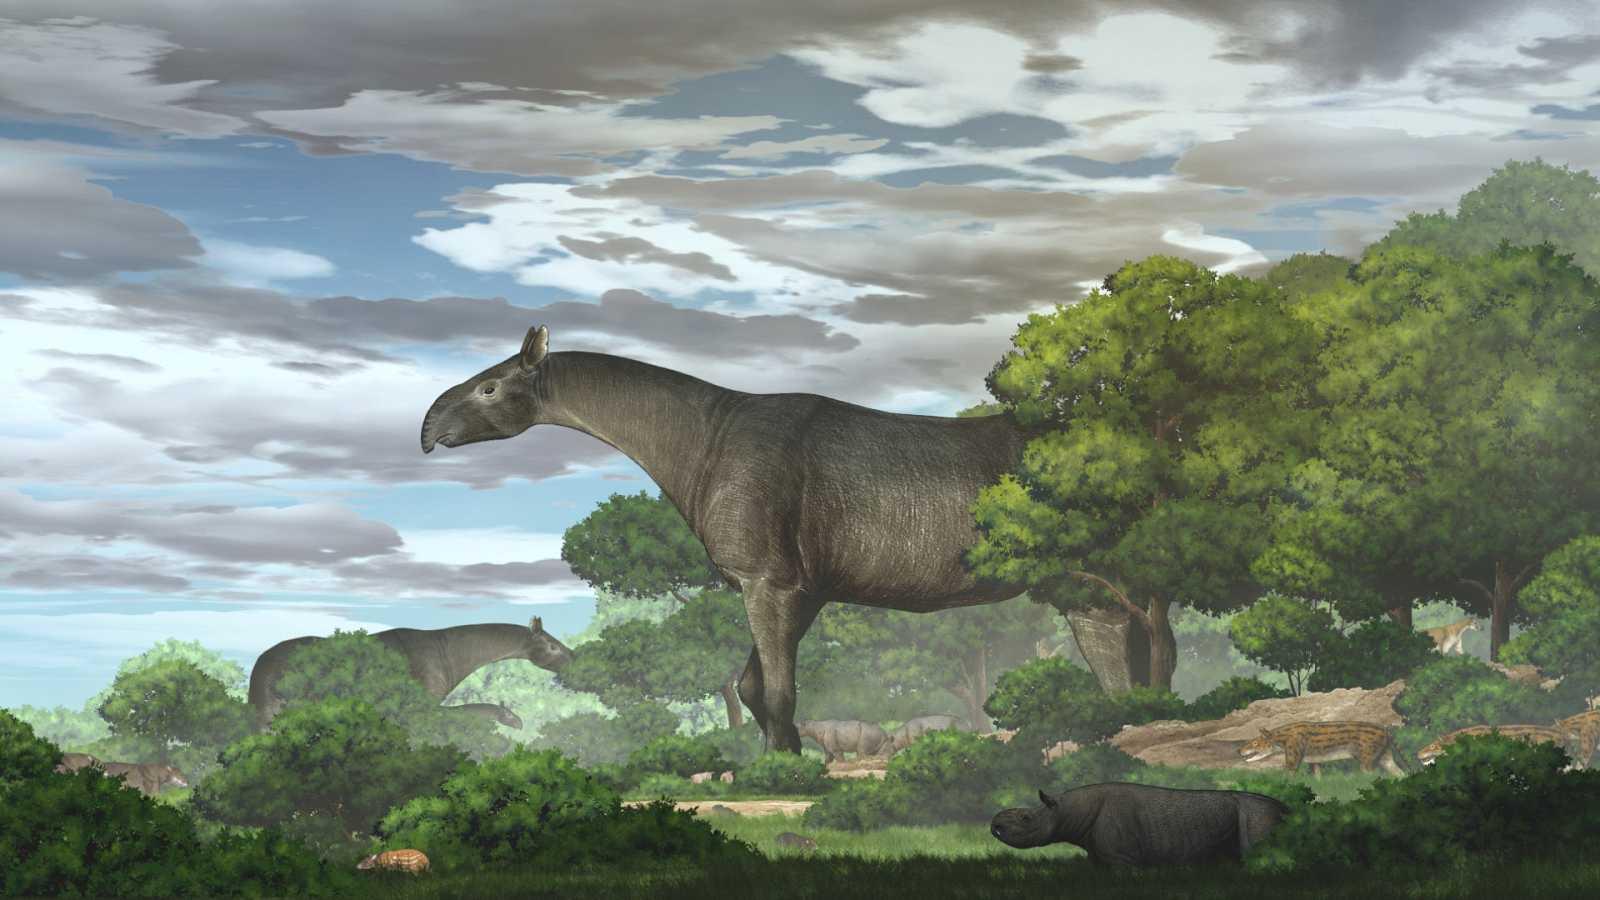 Recreacióndel rinoceronte giganterealizada por la Academia de Ciencias de China.